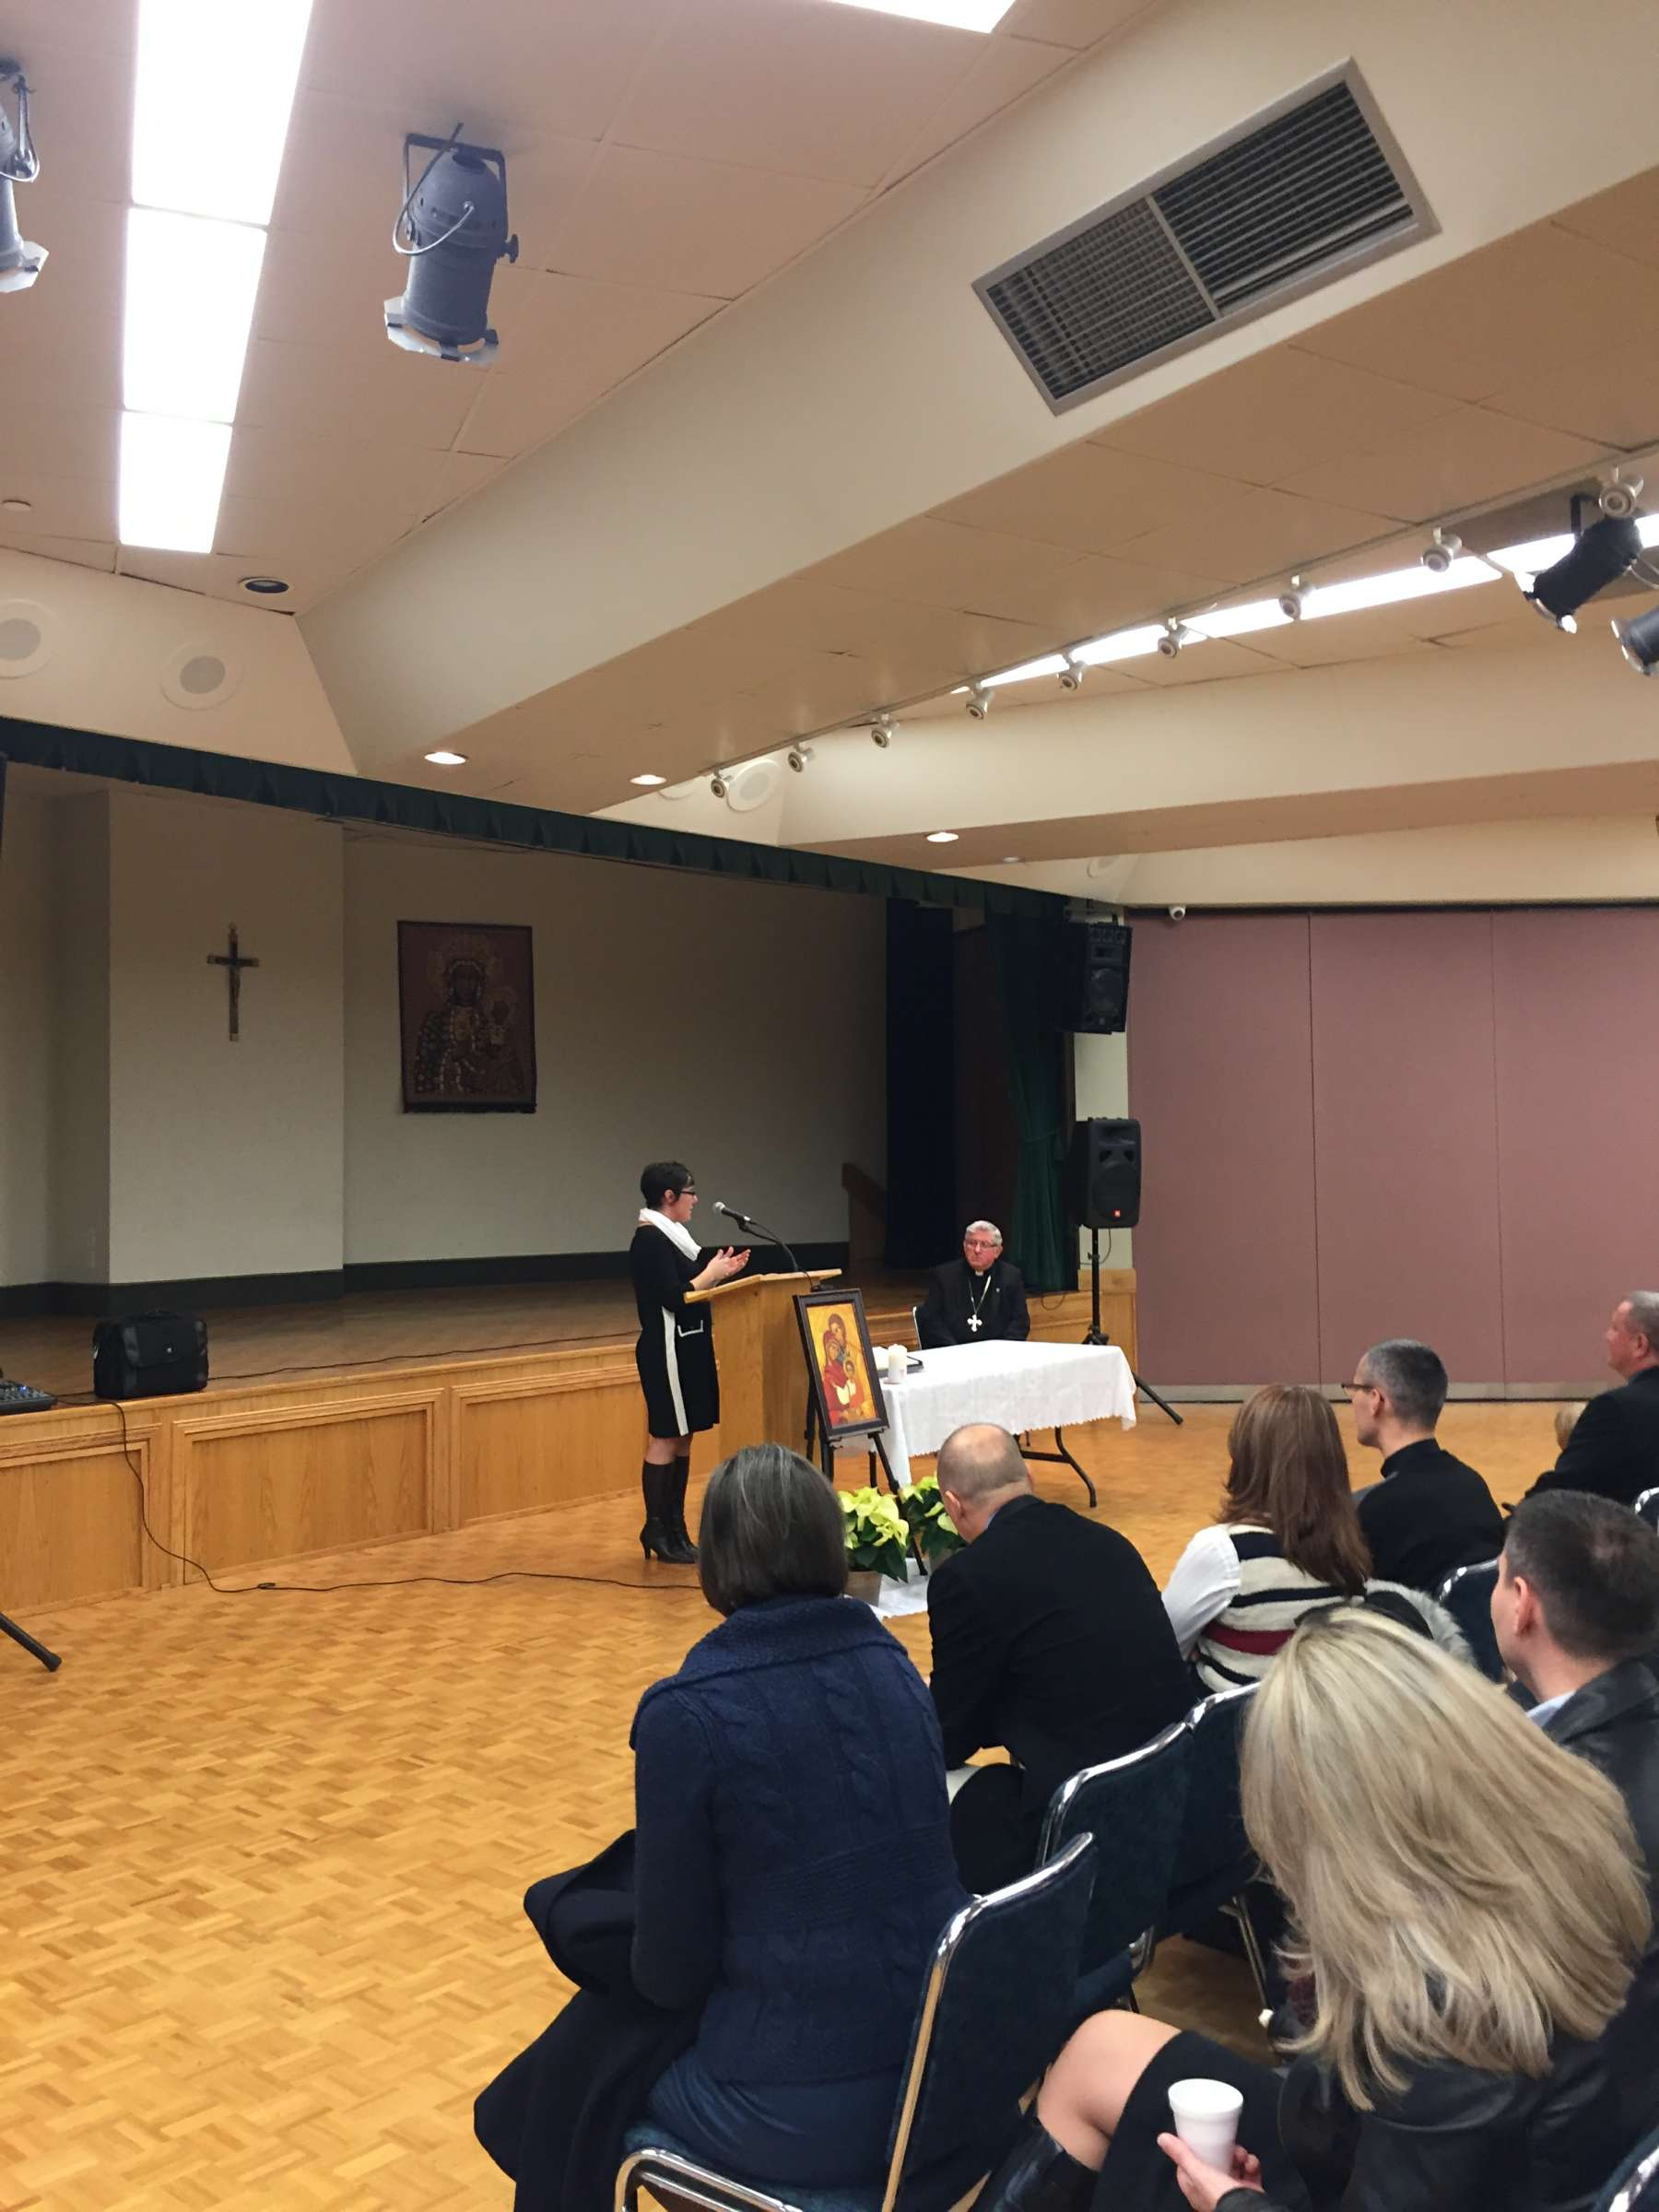 2016.11.27_02  -Spotkanie z Kardynalem Collinsem w Mississauga